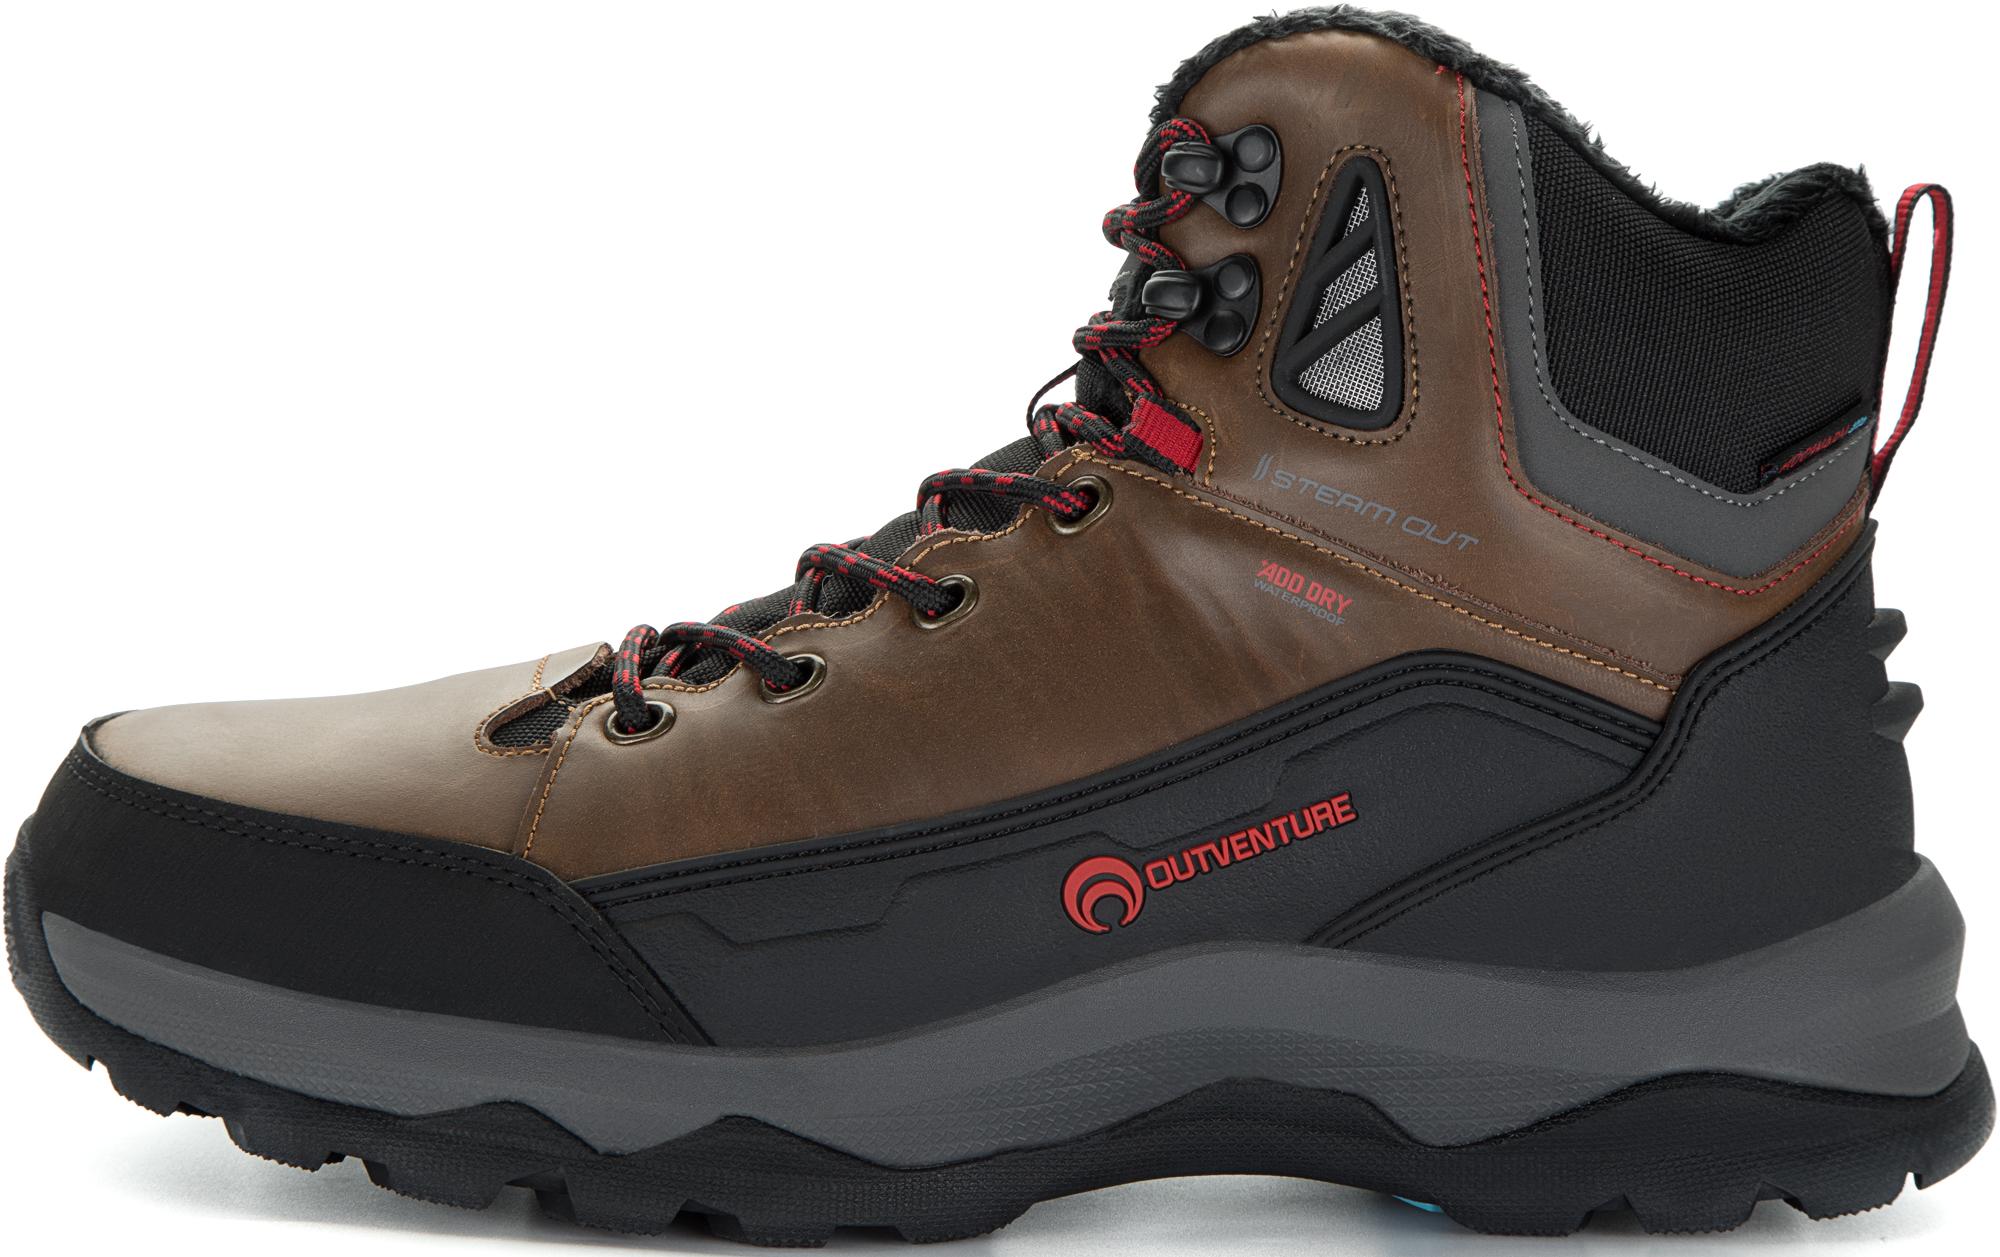 Outventure Ботинки утепленные мужские Outventure Matterhorn, размер 42